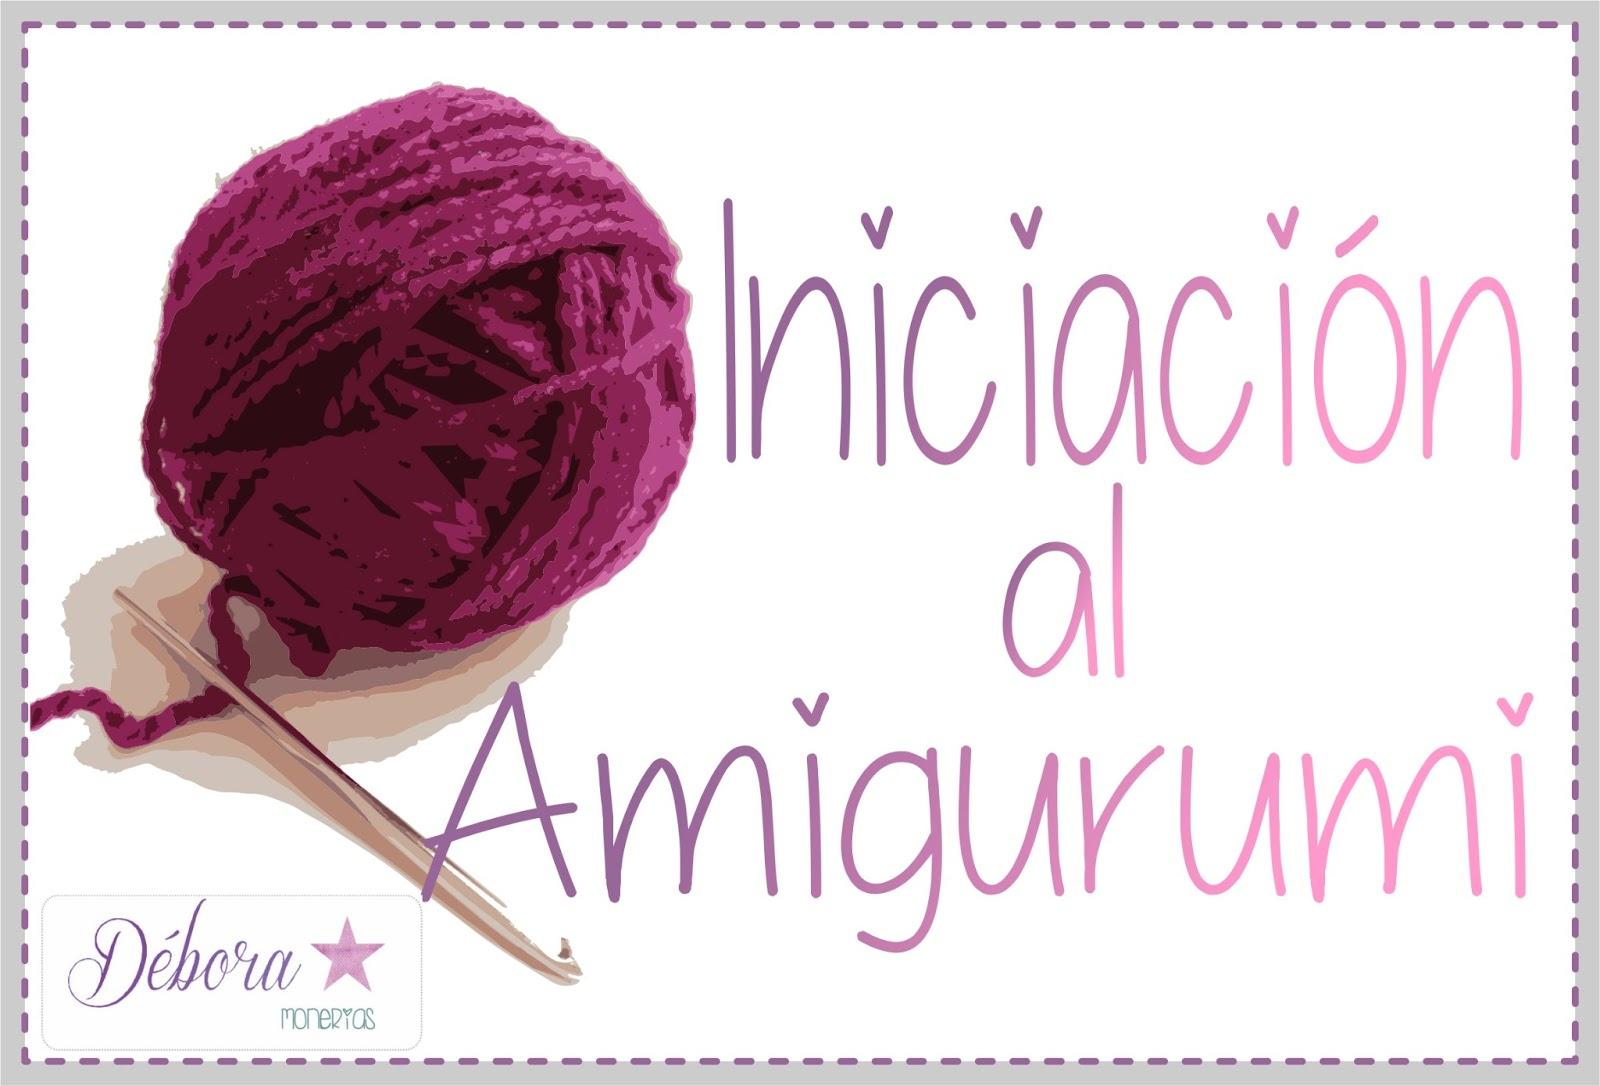 Pa Monísima: Yo: ♥ Empezando a hacer Amigurumis